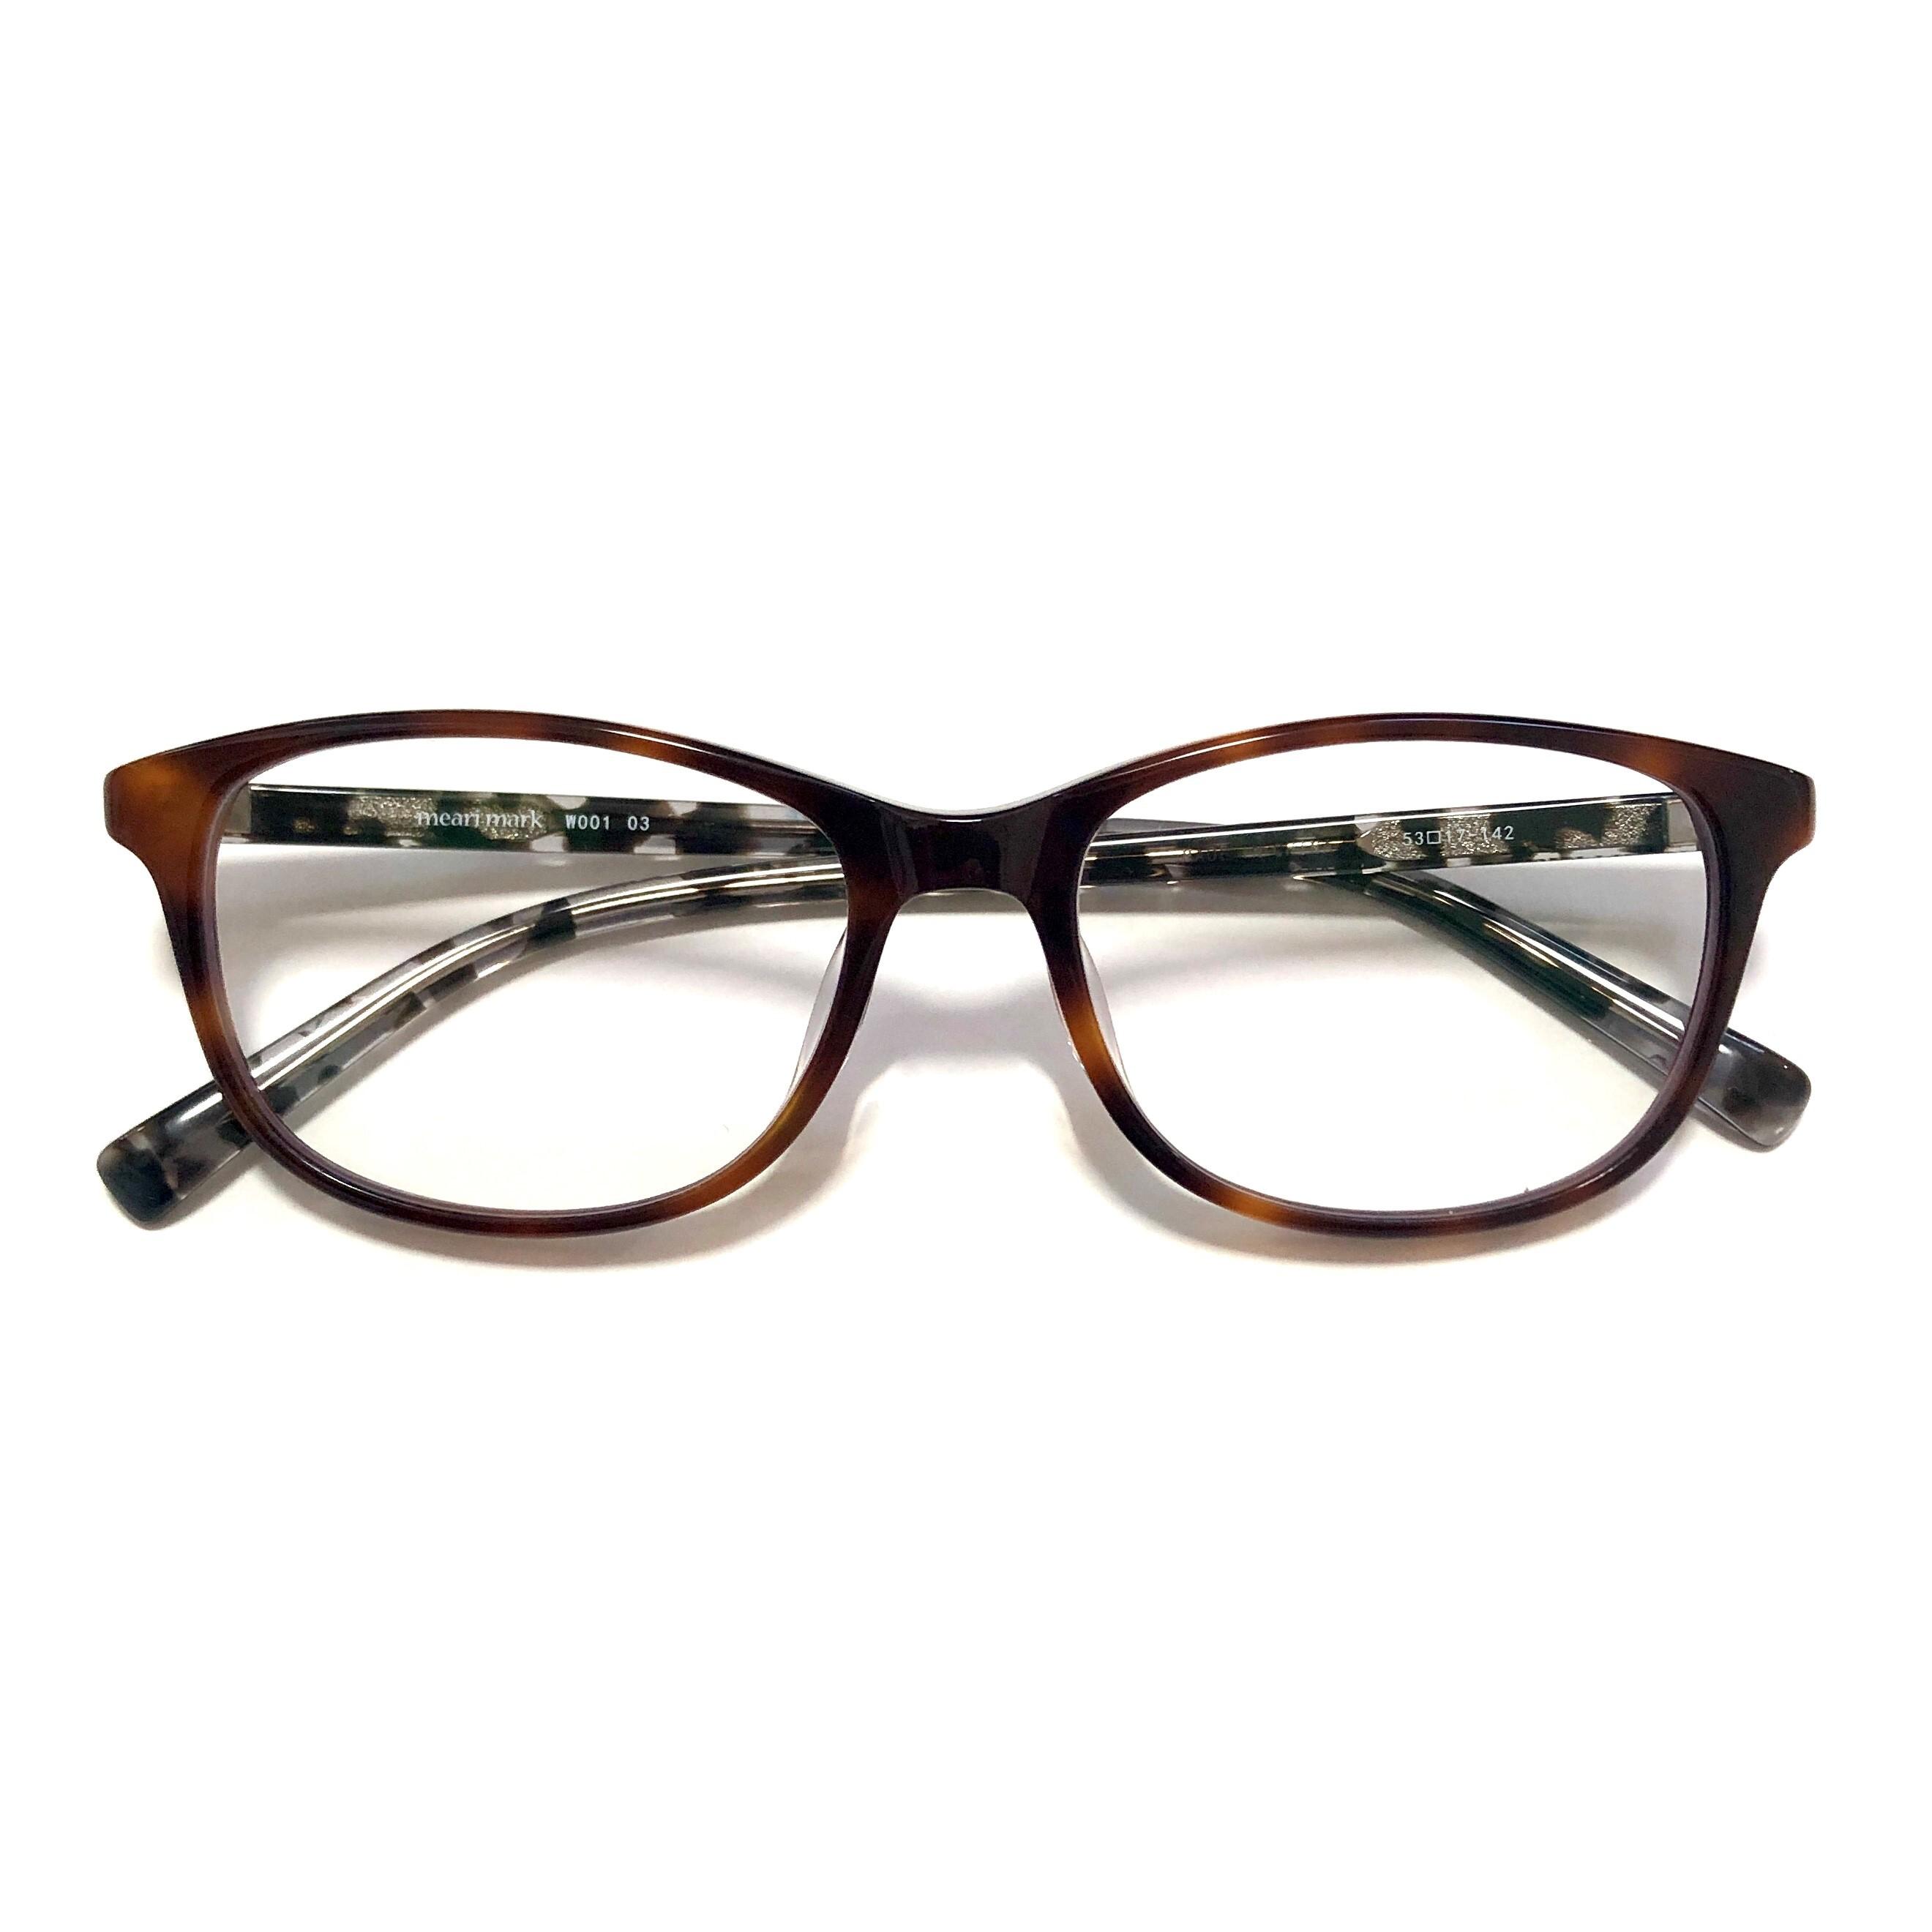 meari mark W001 03(紫外線カットレンズ付きファッショングラス)